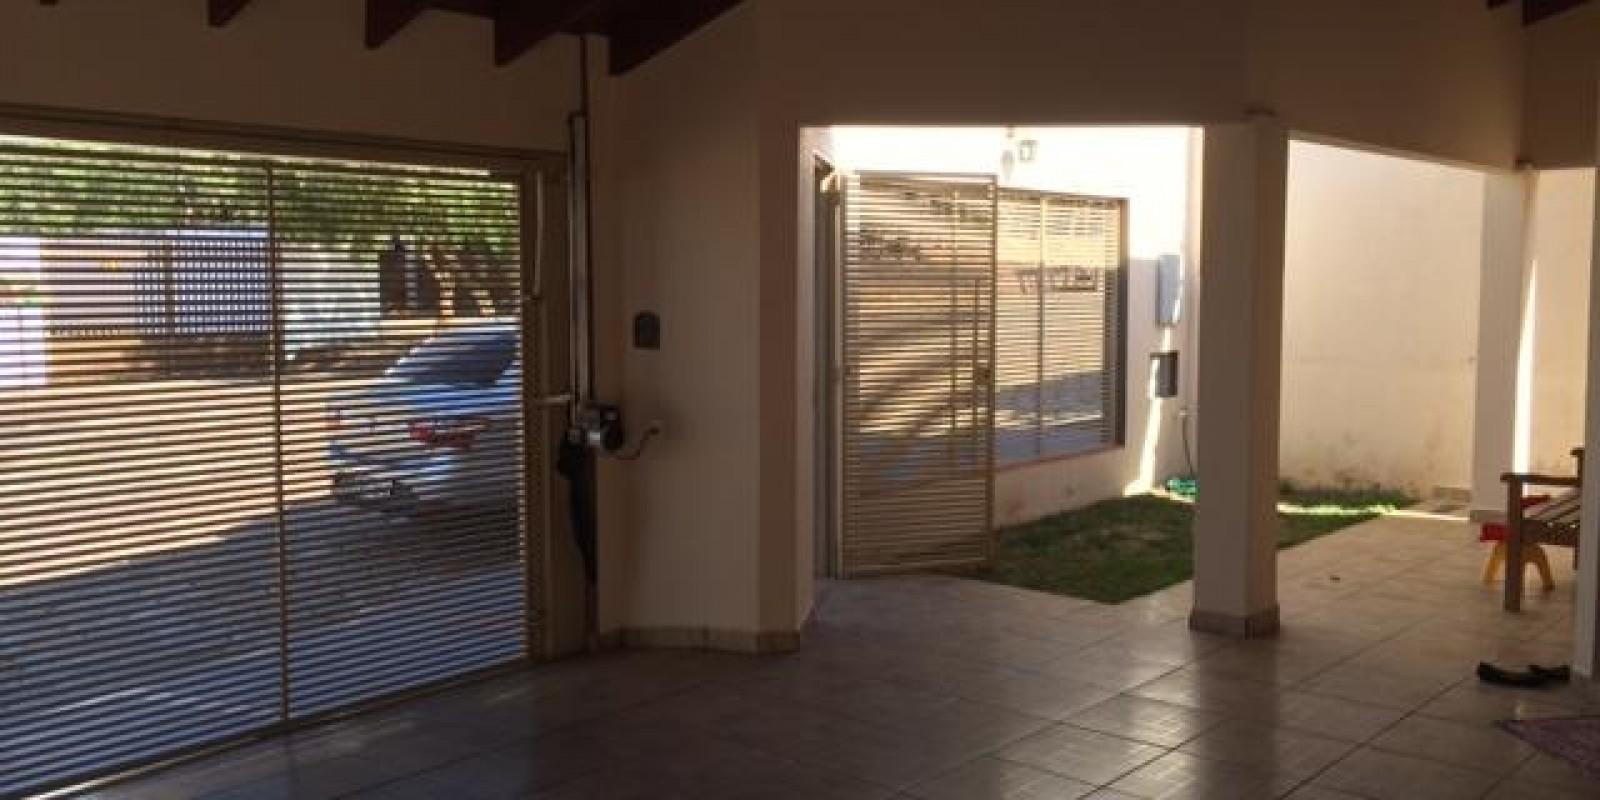 Casa no Bairro Jardim Europa II em Avaré SP - Foto 3 de 4